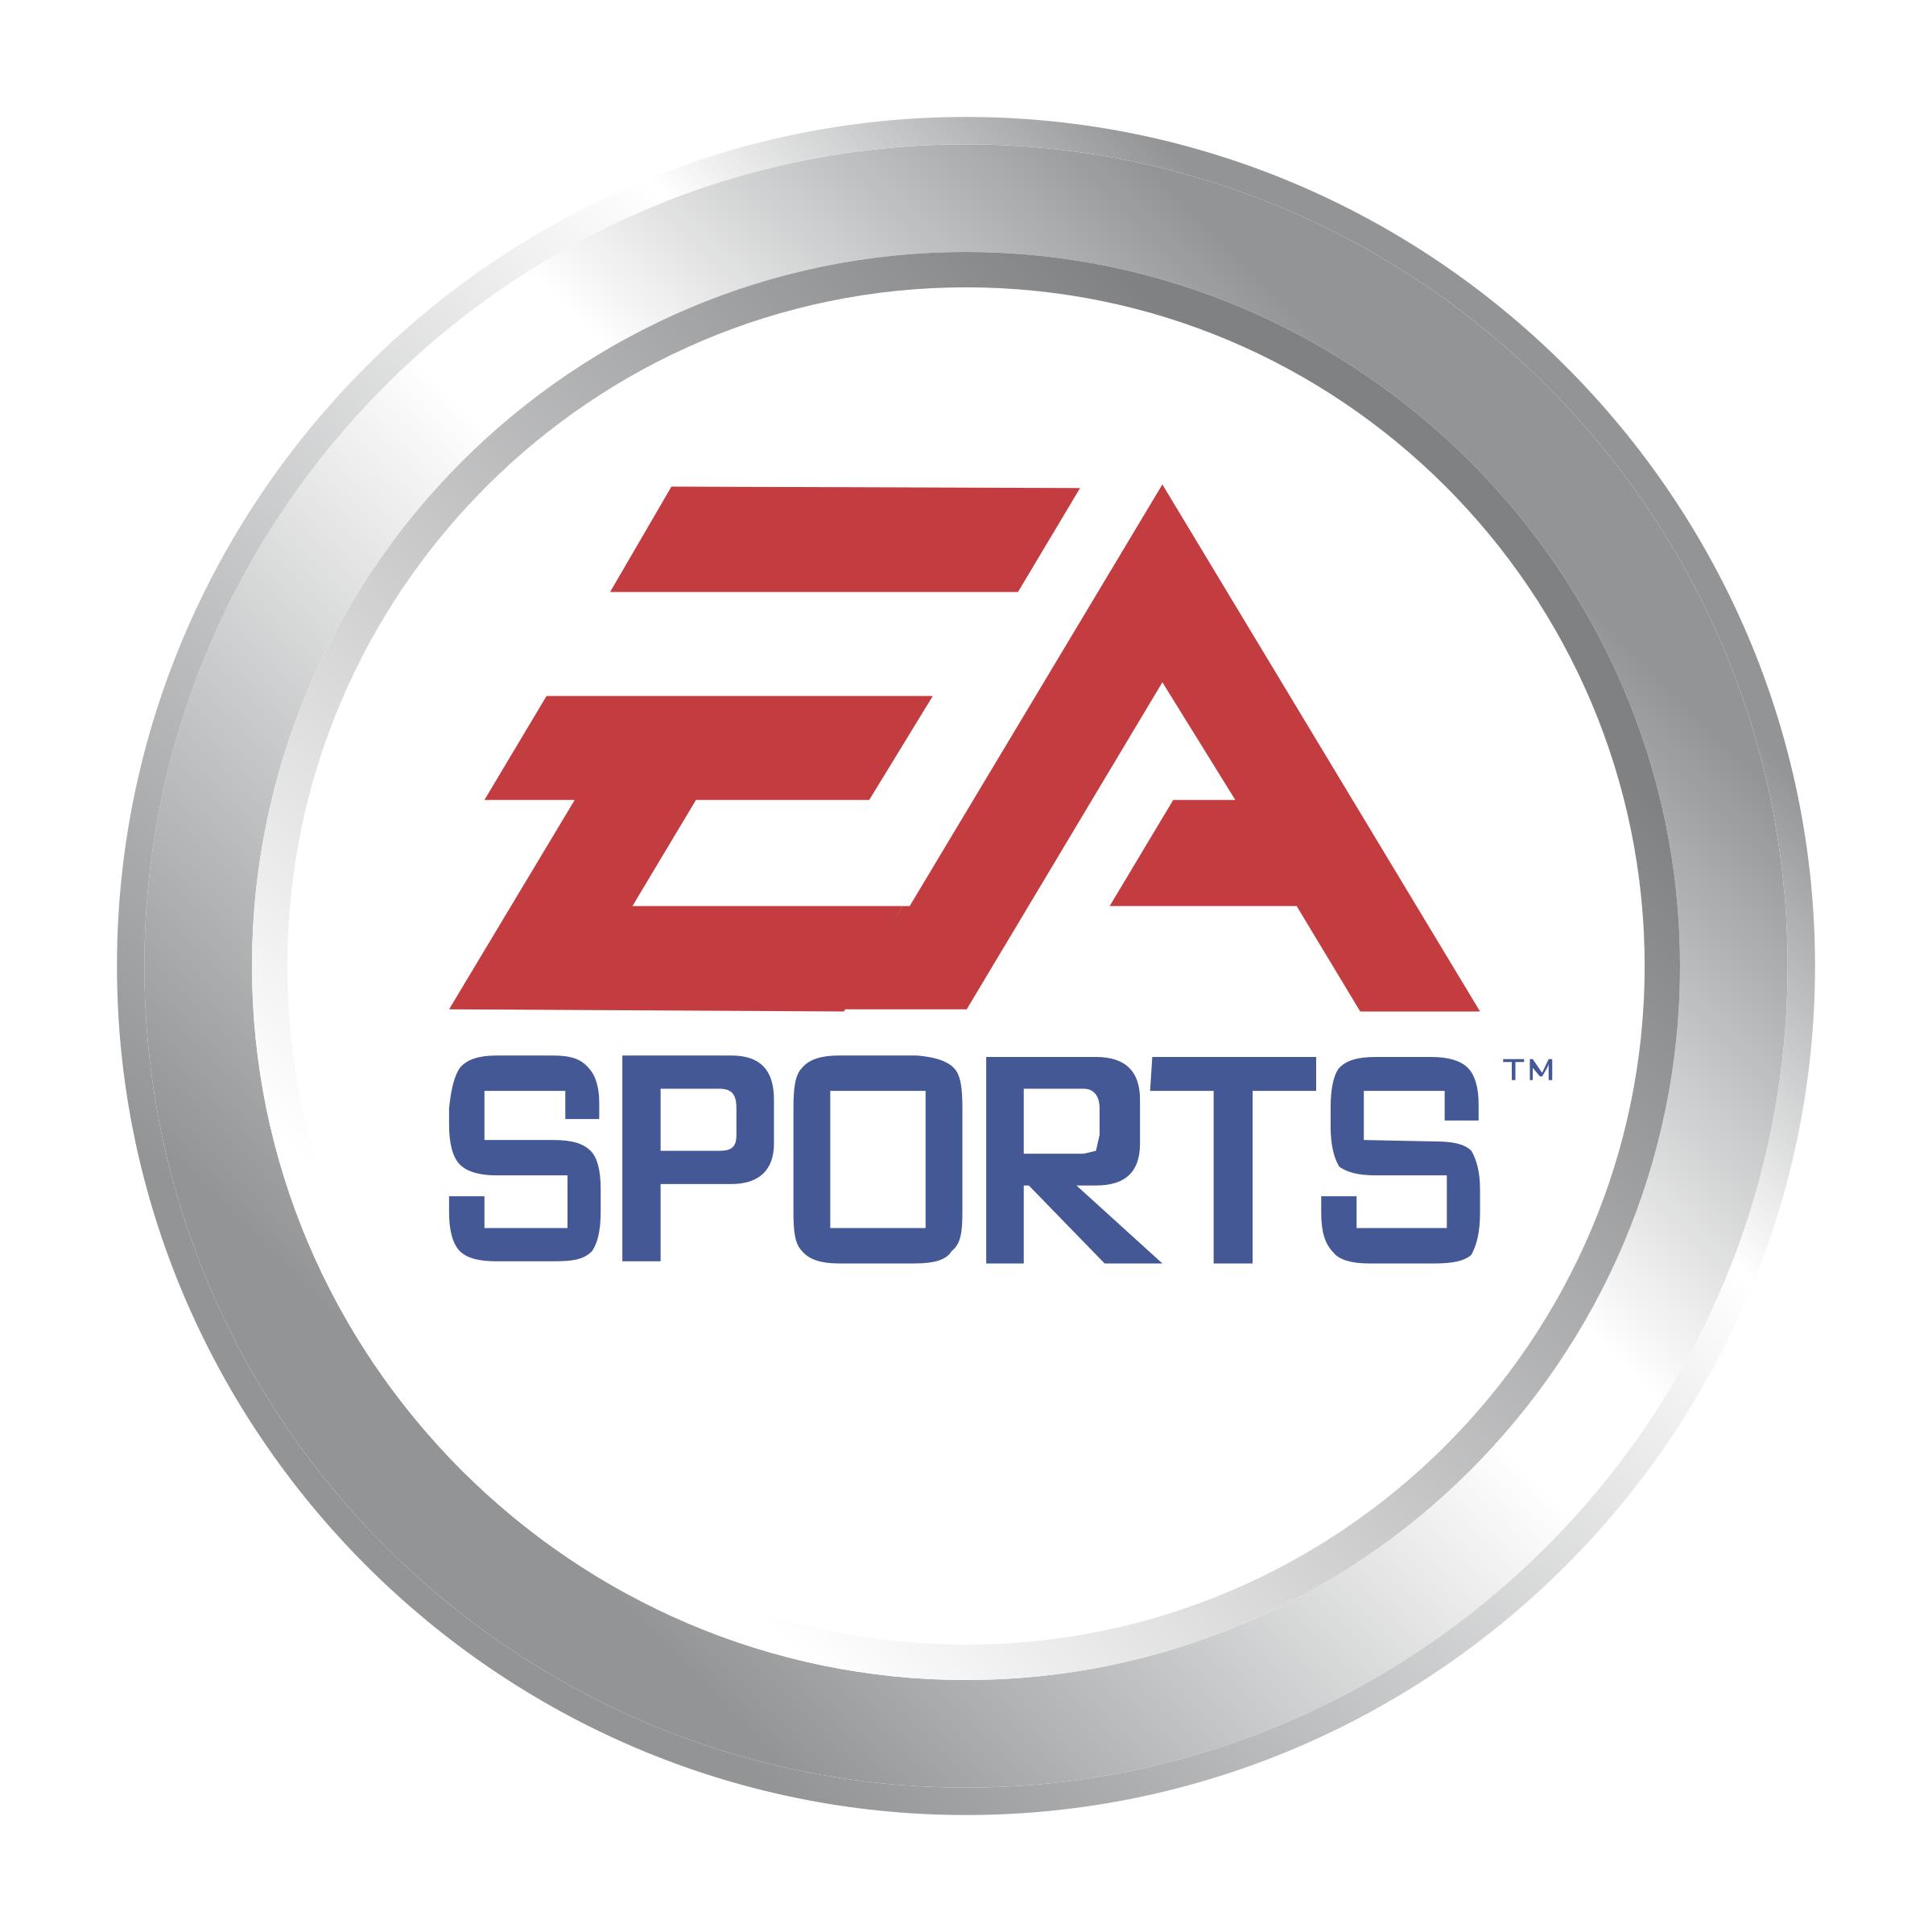 EA Sports Logo PNG Transparent & SVG Vector.